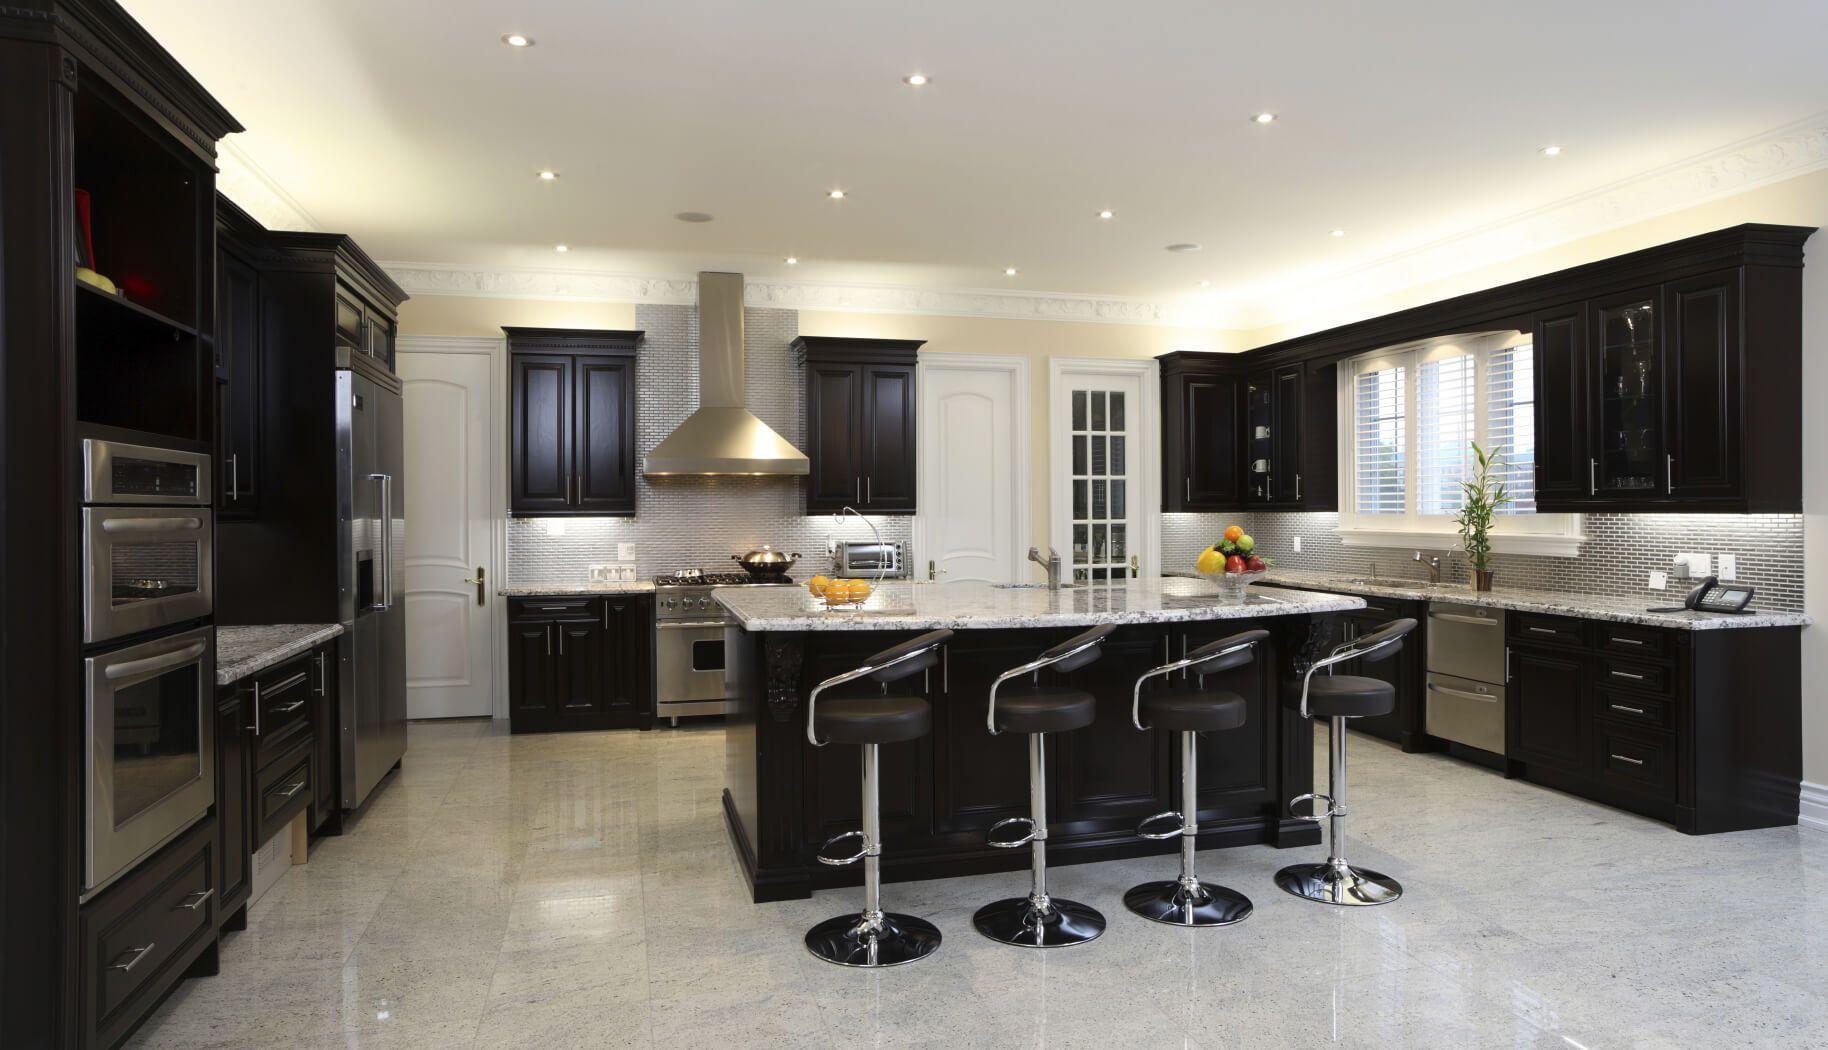 52 Dark Kitchens With Dark Wood Or Black Kitchen Cabinets Dark